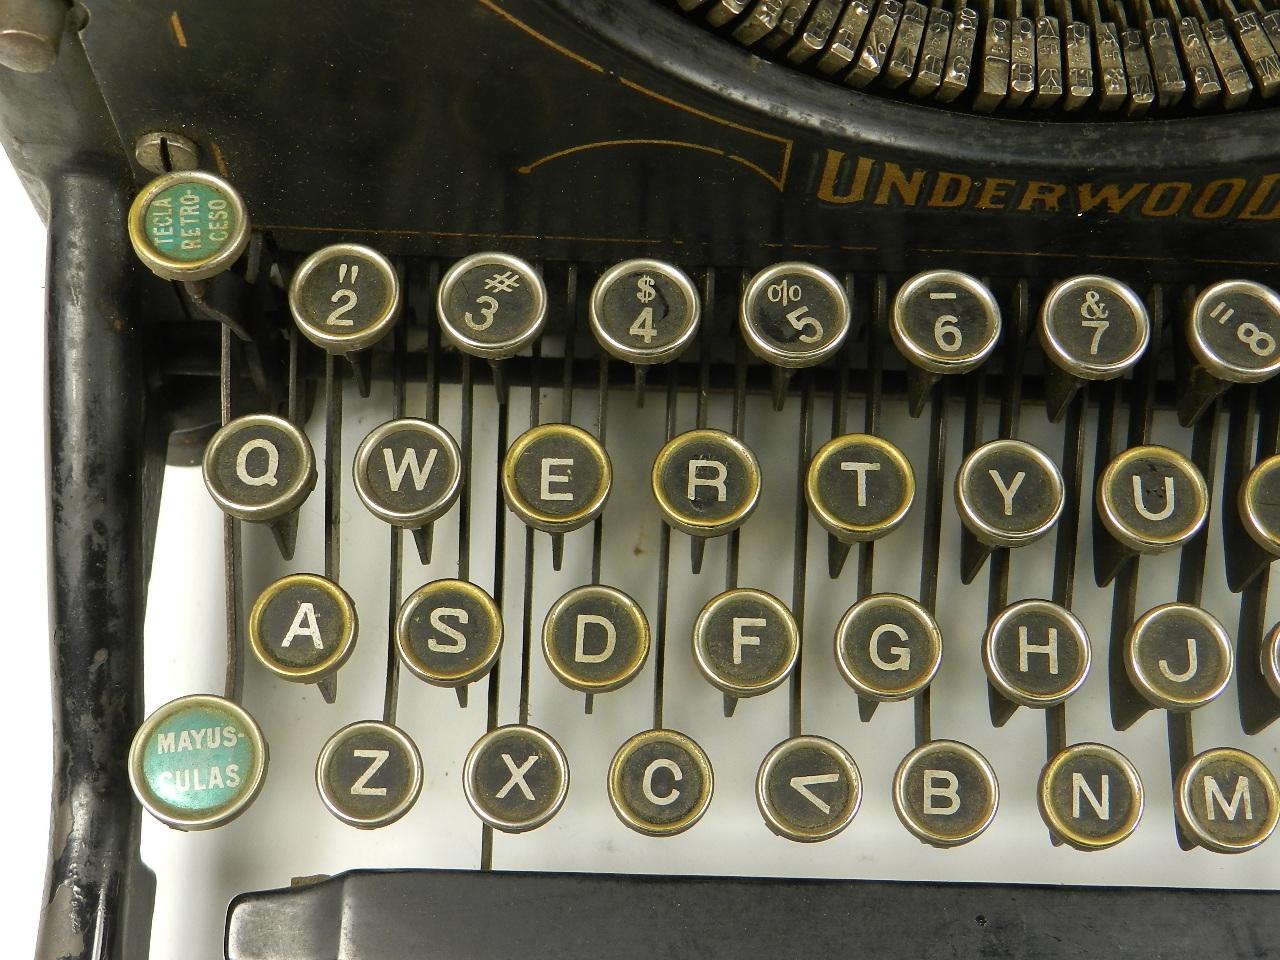 Imagen UNDERWOOD  Nº5  AÑO 1924 28412